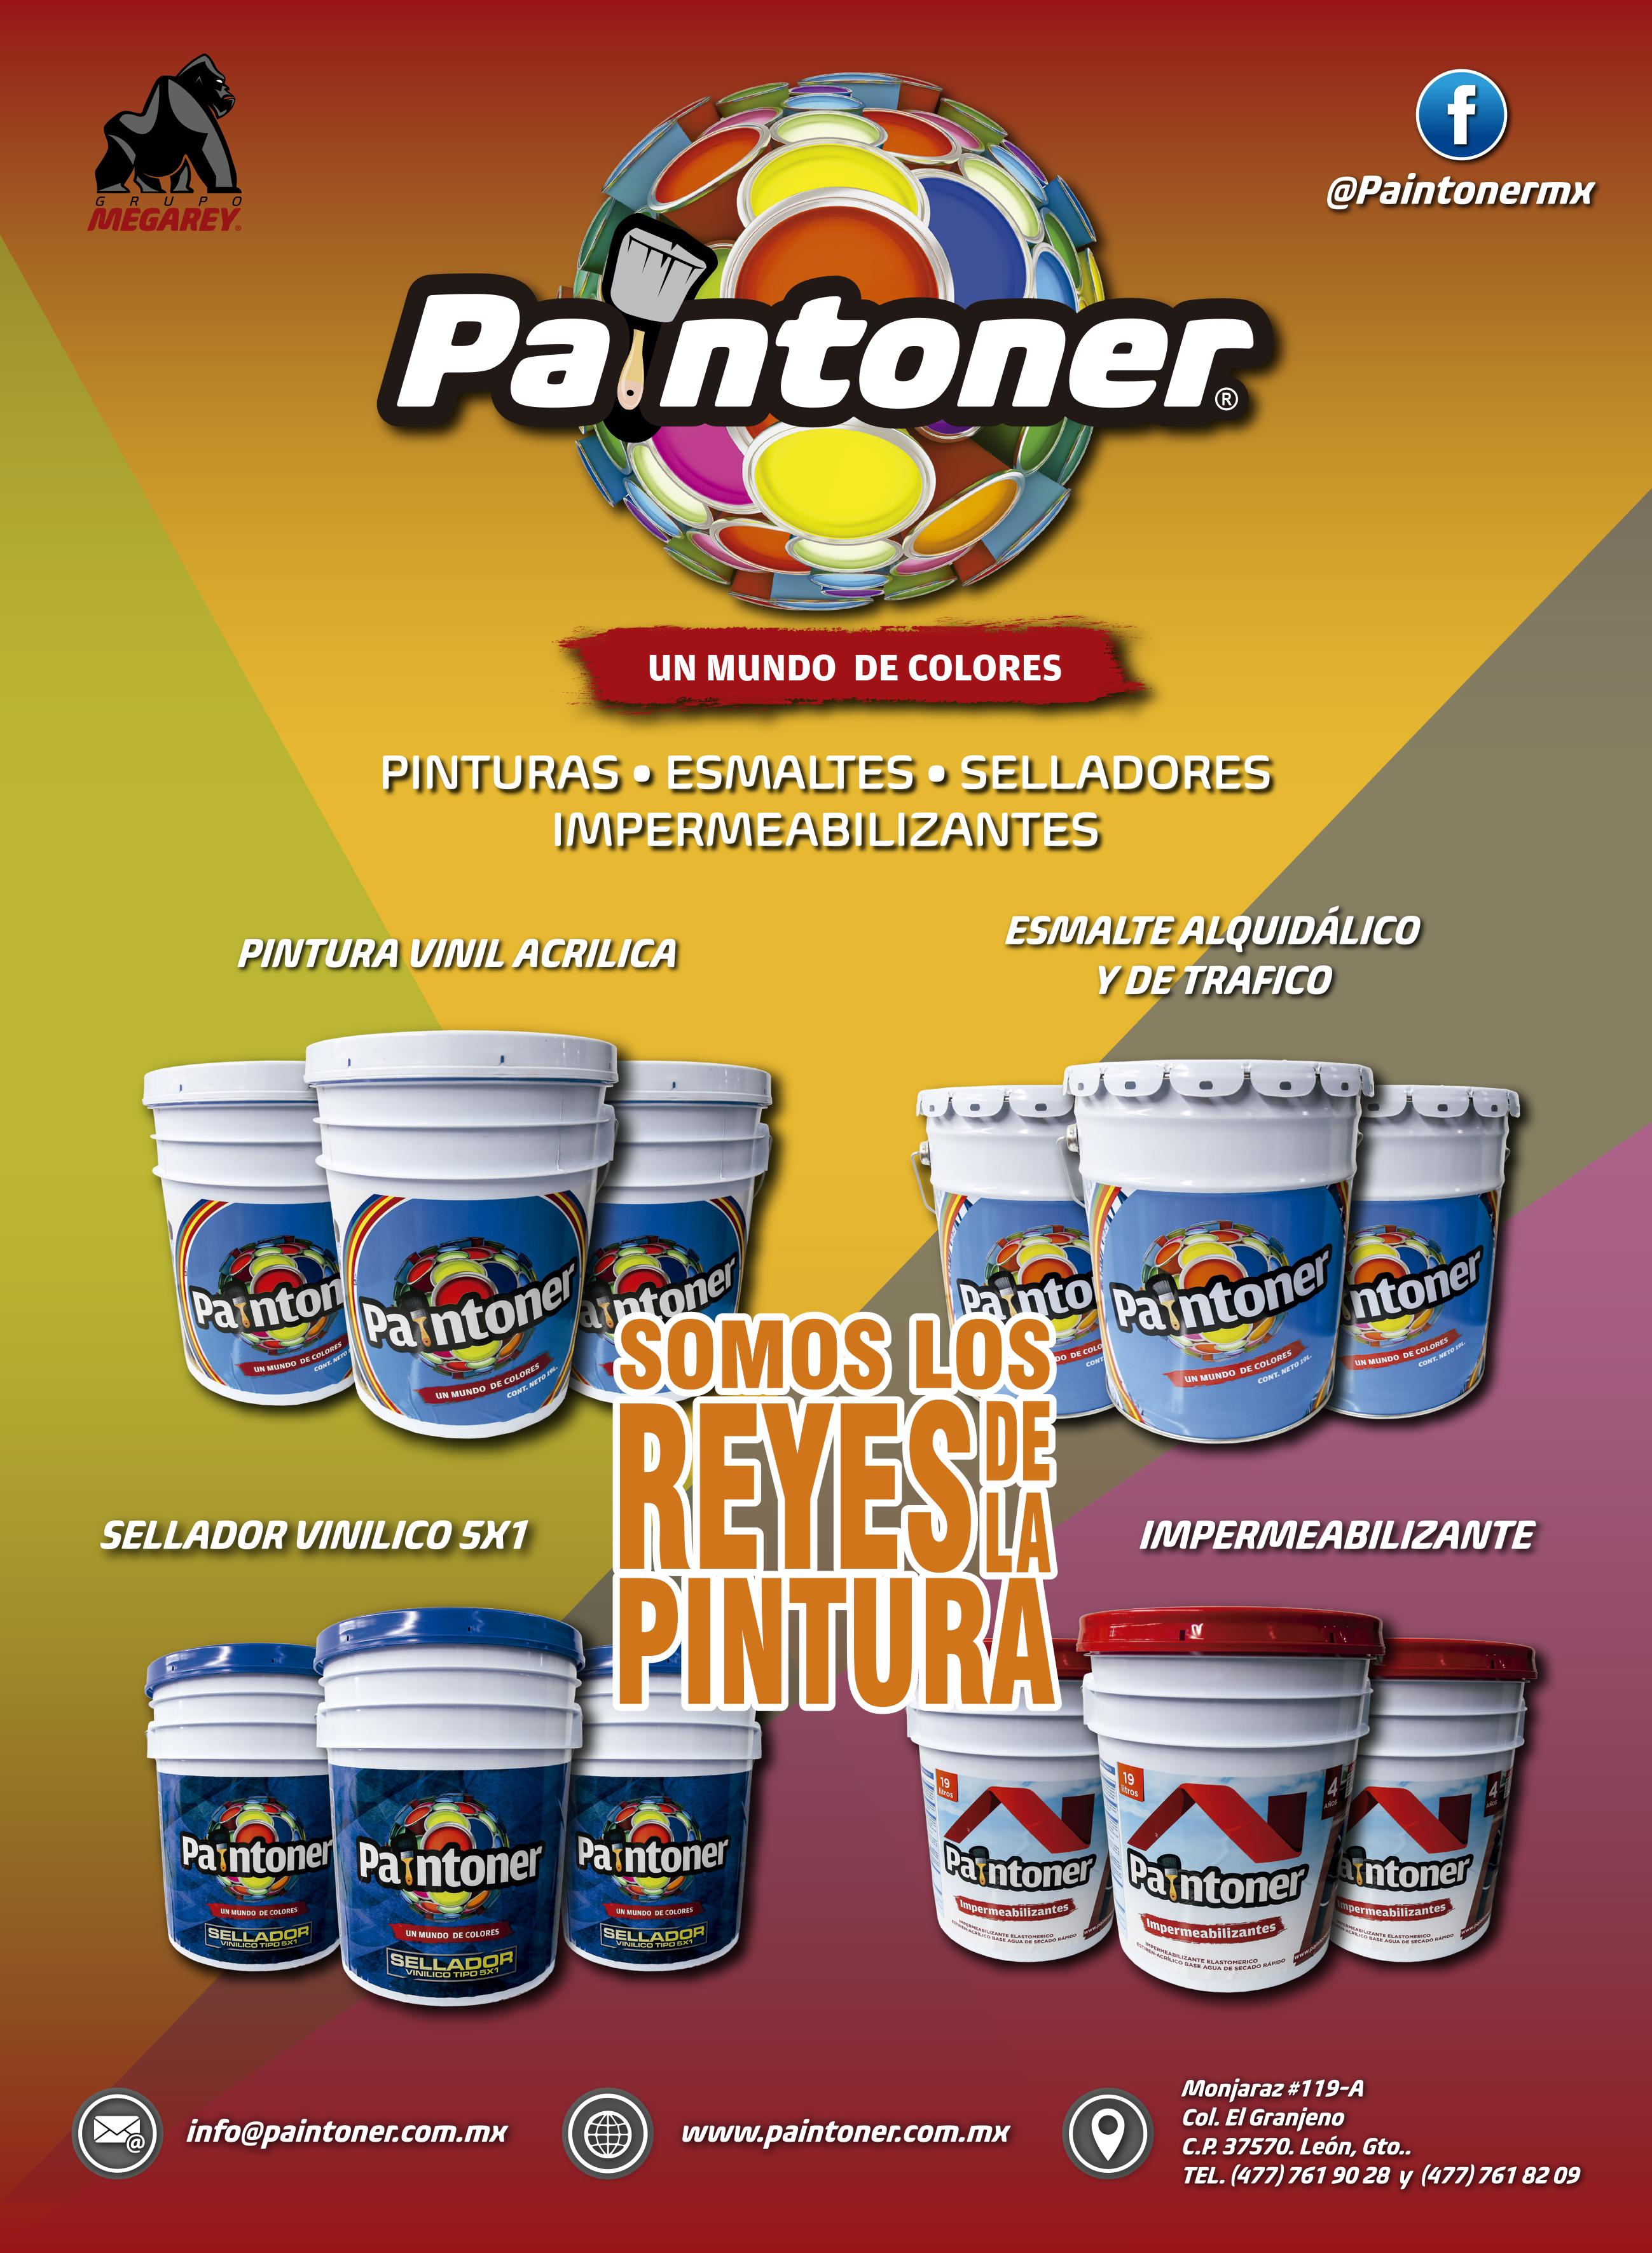 PAGINA AUTORIZADA para revista - PAINTONER 01.11.19 (TODO CURVAS